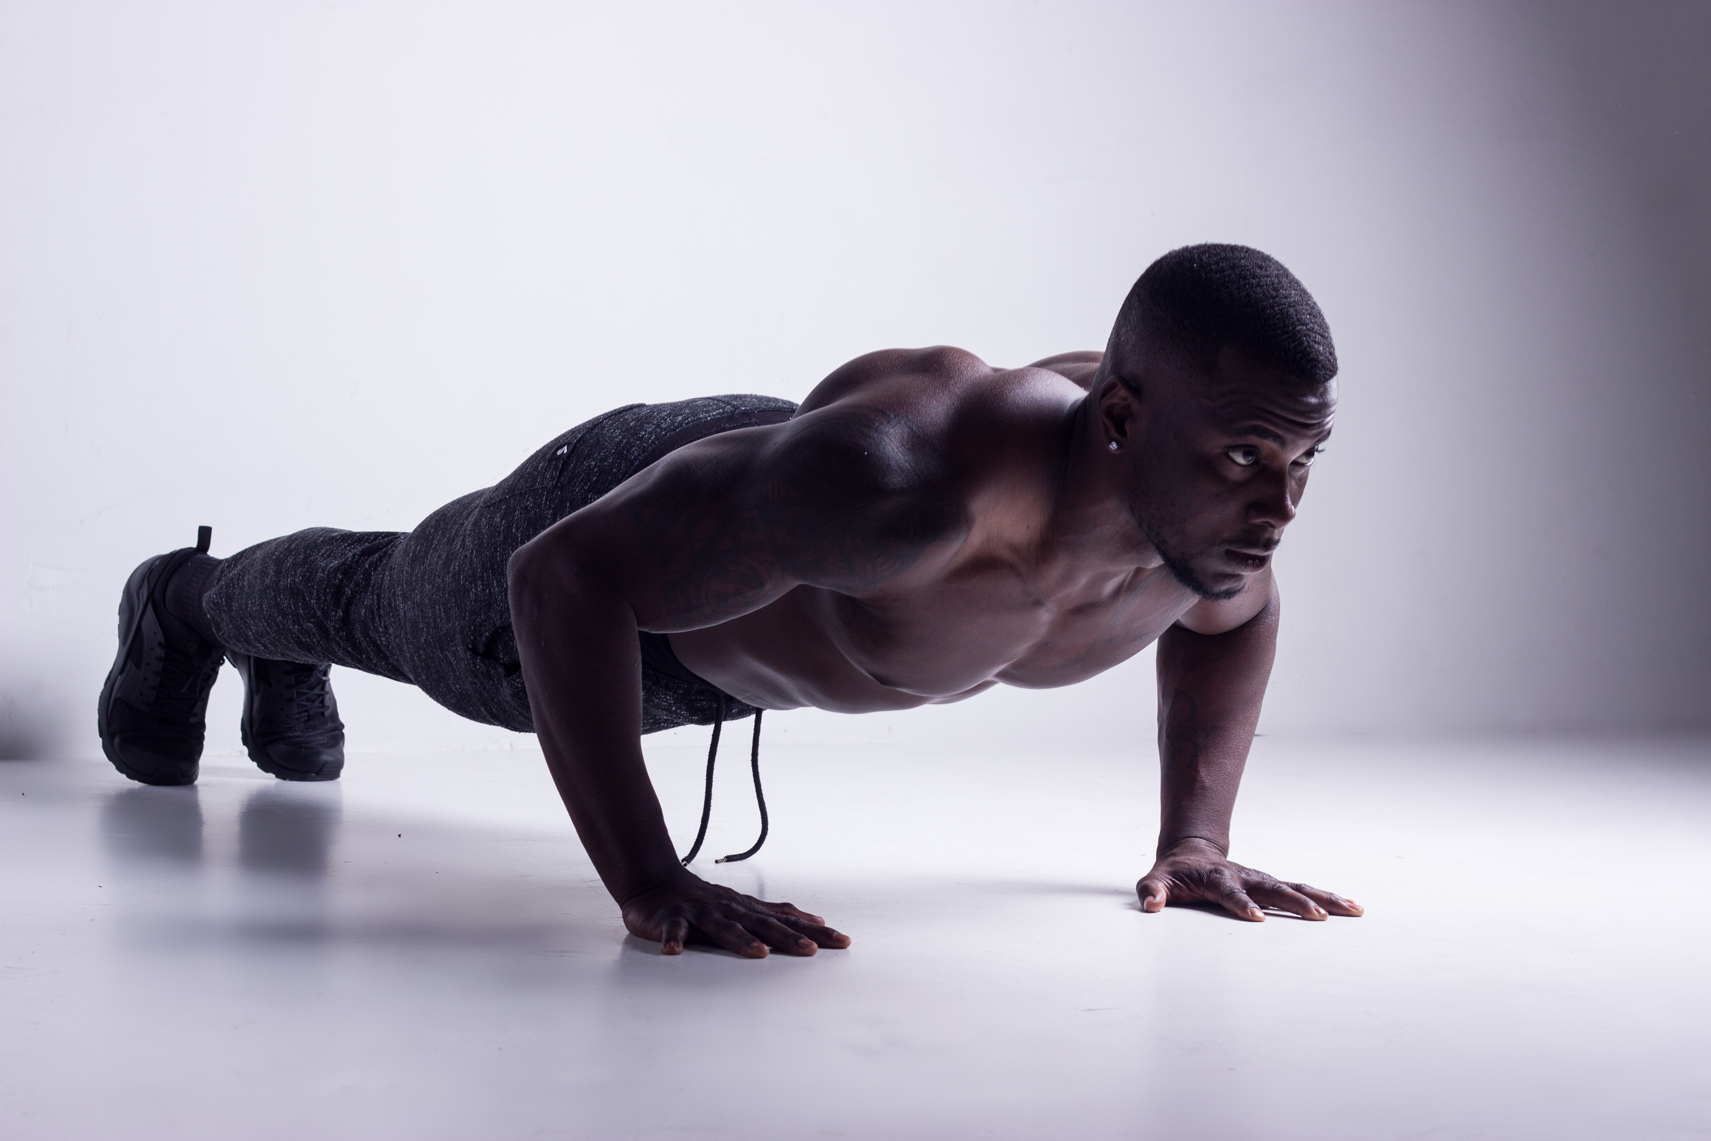 fitness-shoot-antoine-hart-chamber-photography.jpg